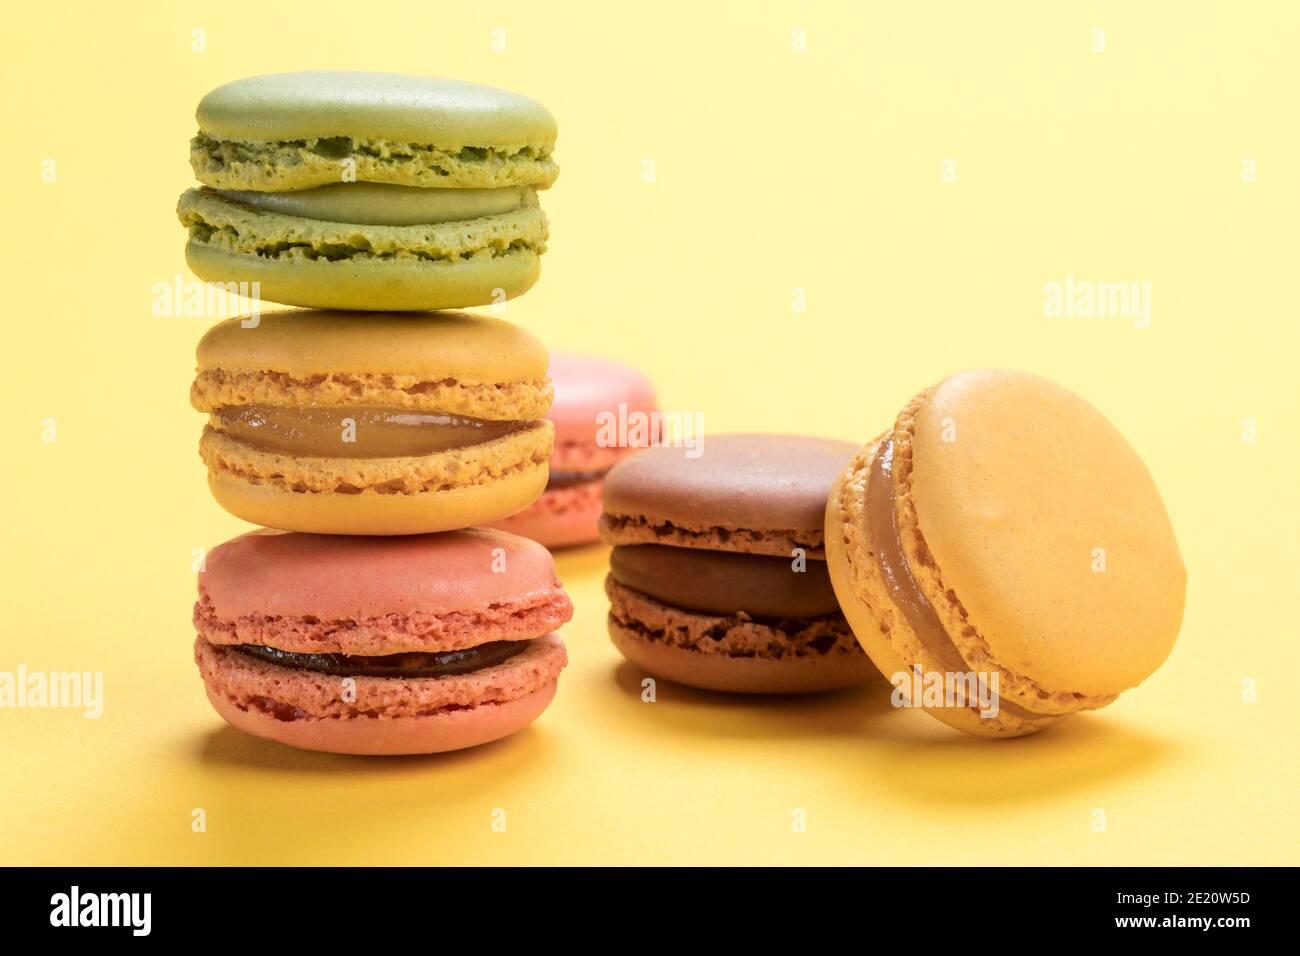 Pâte de macarons français pastel aux saveurs de framboise, citron, chocolat et pistaches sur fond jaune clair Banque D'Images